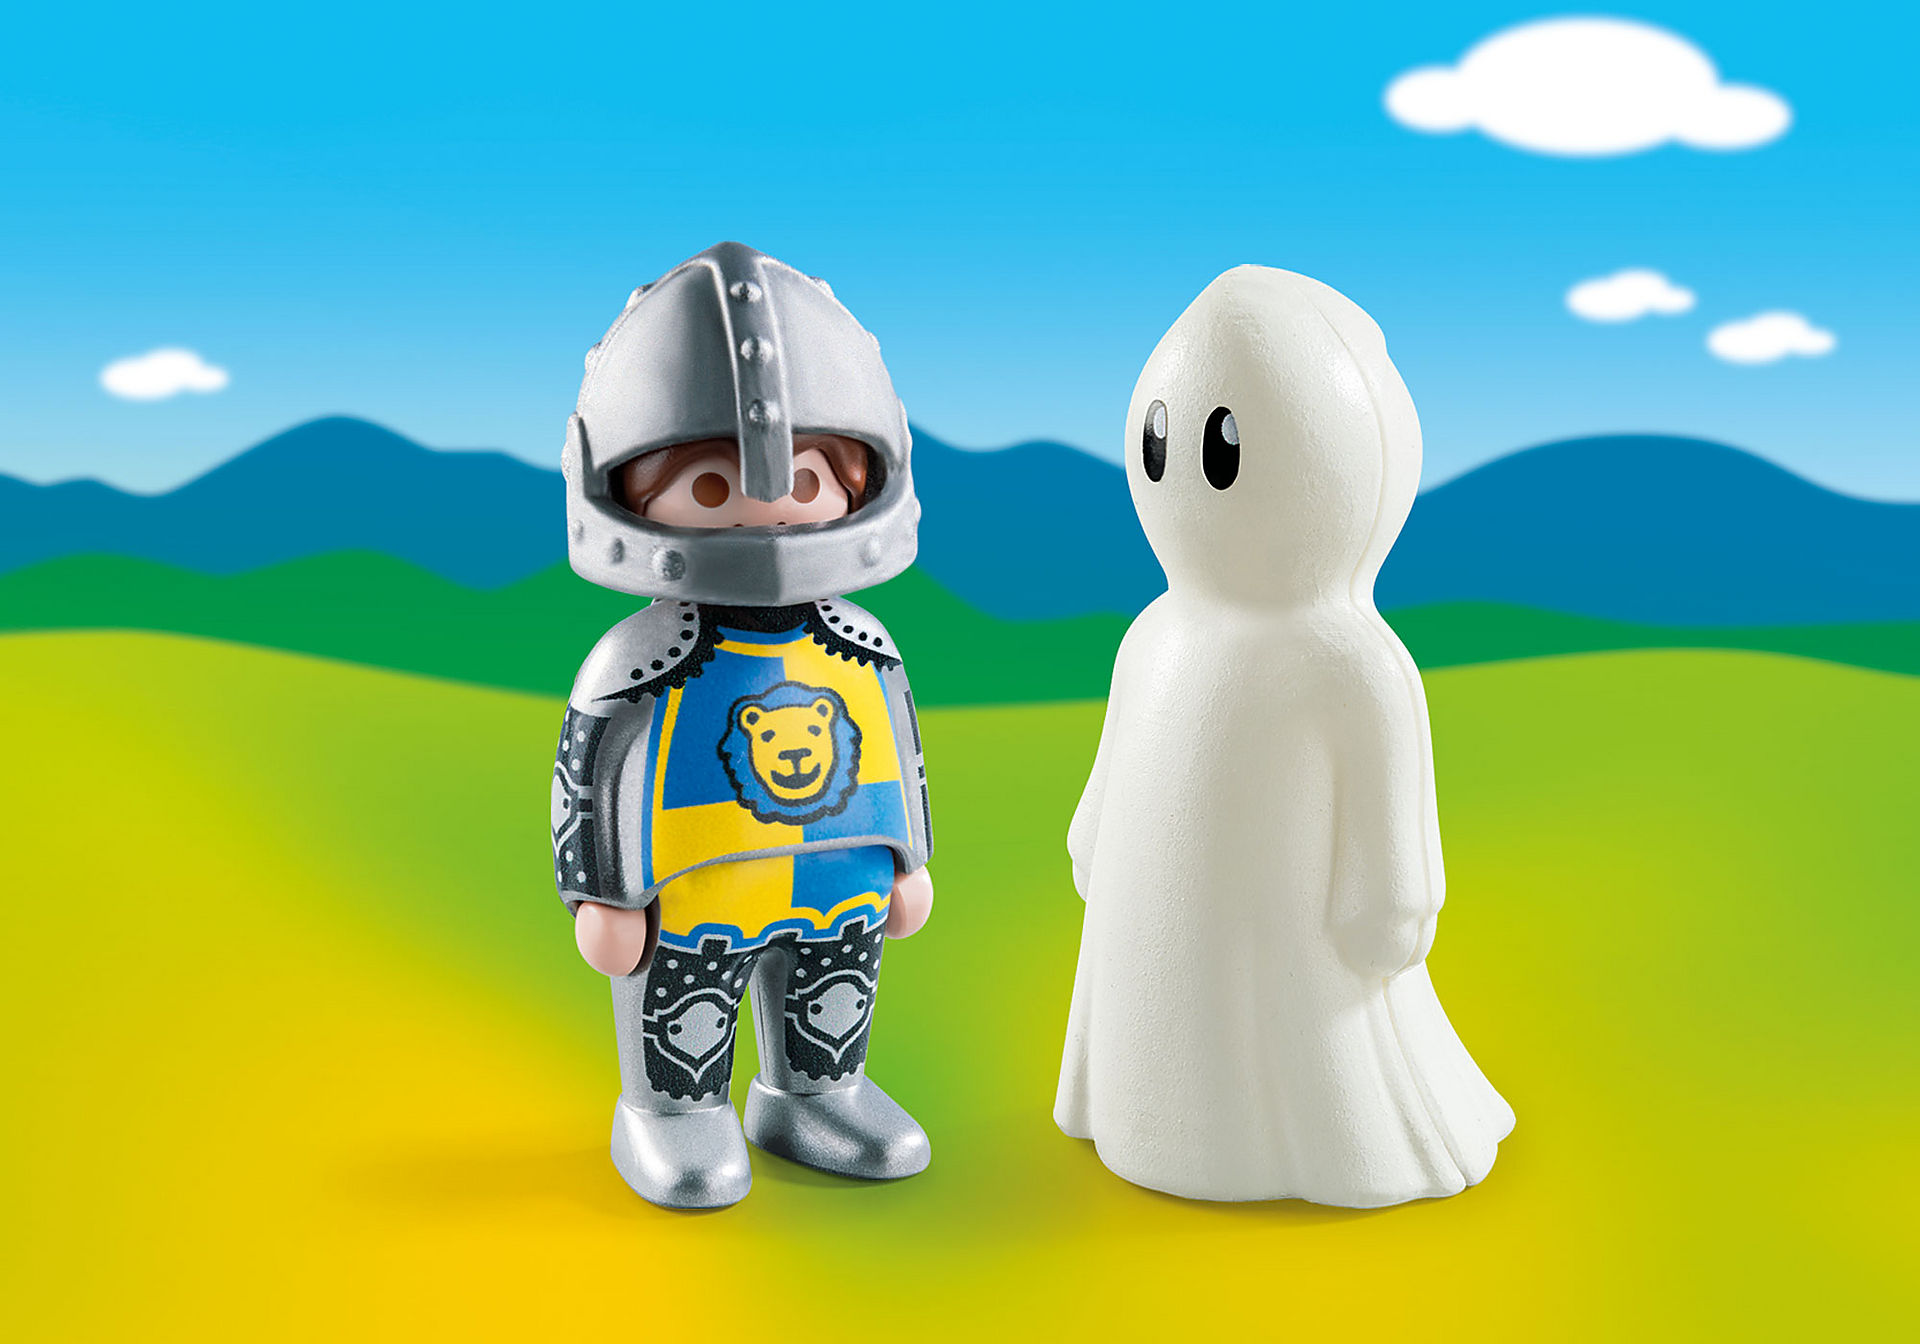 70128 Cavaliere con Fantasma 1.2.3 zoom image1